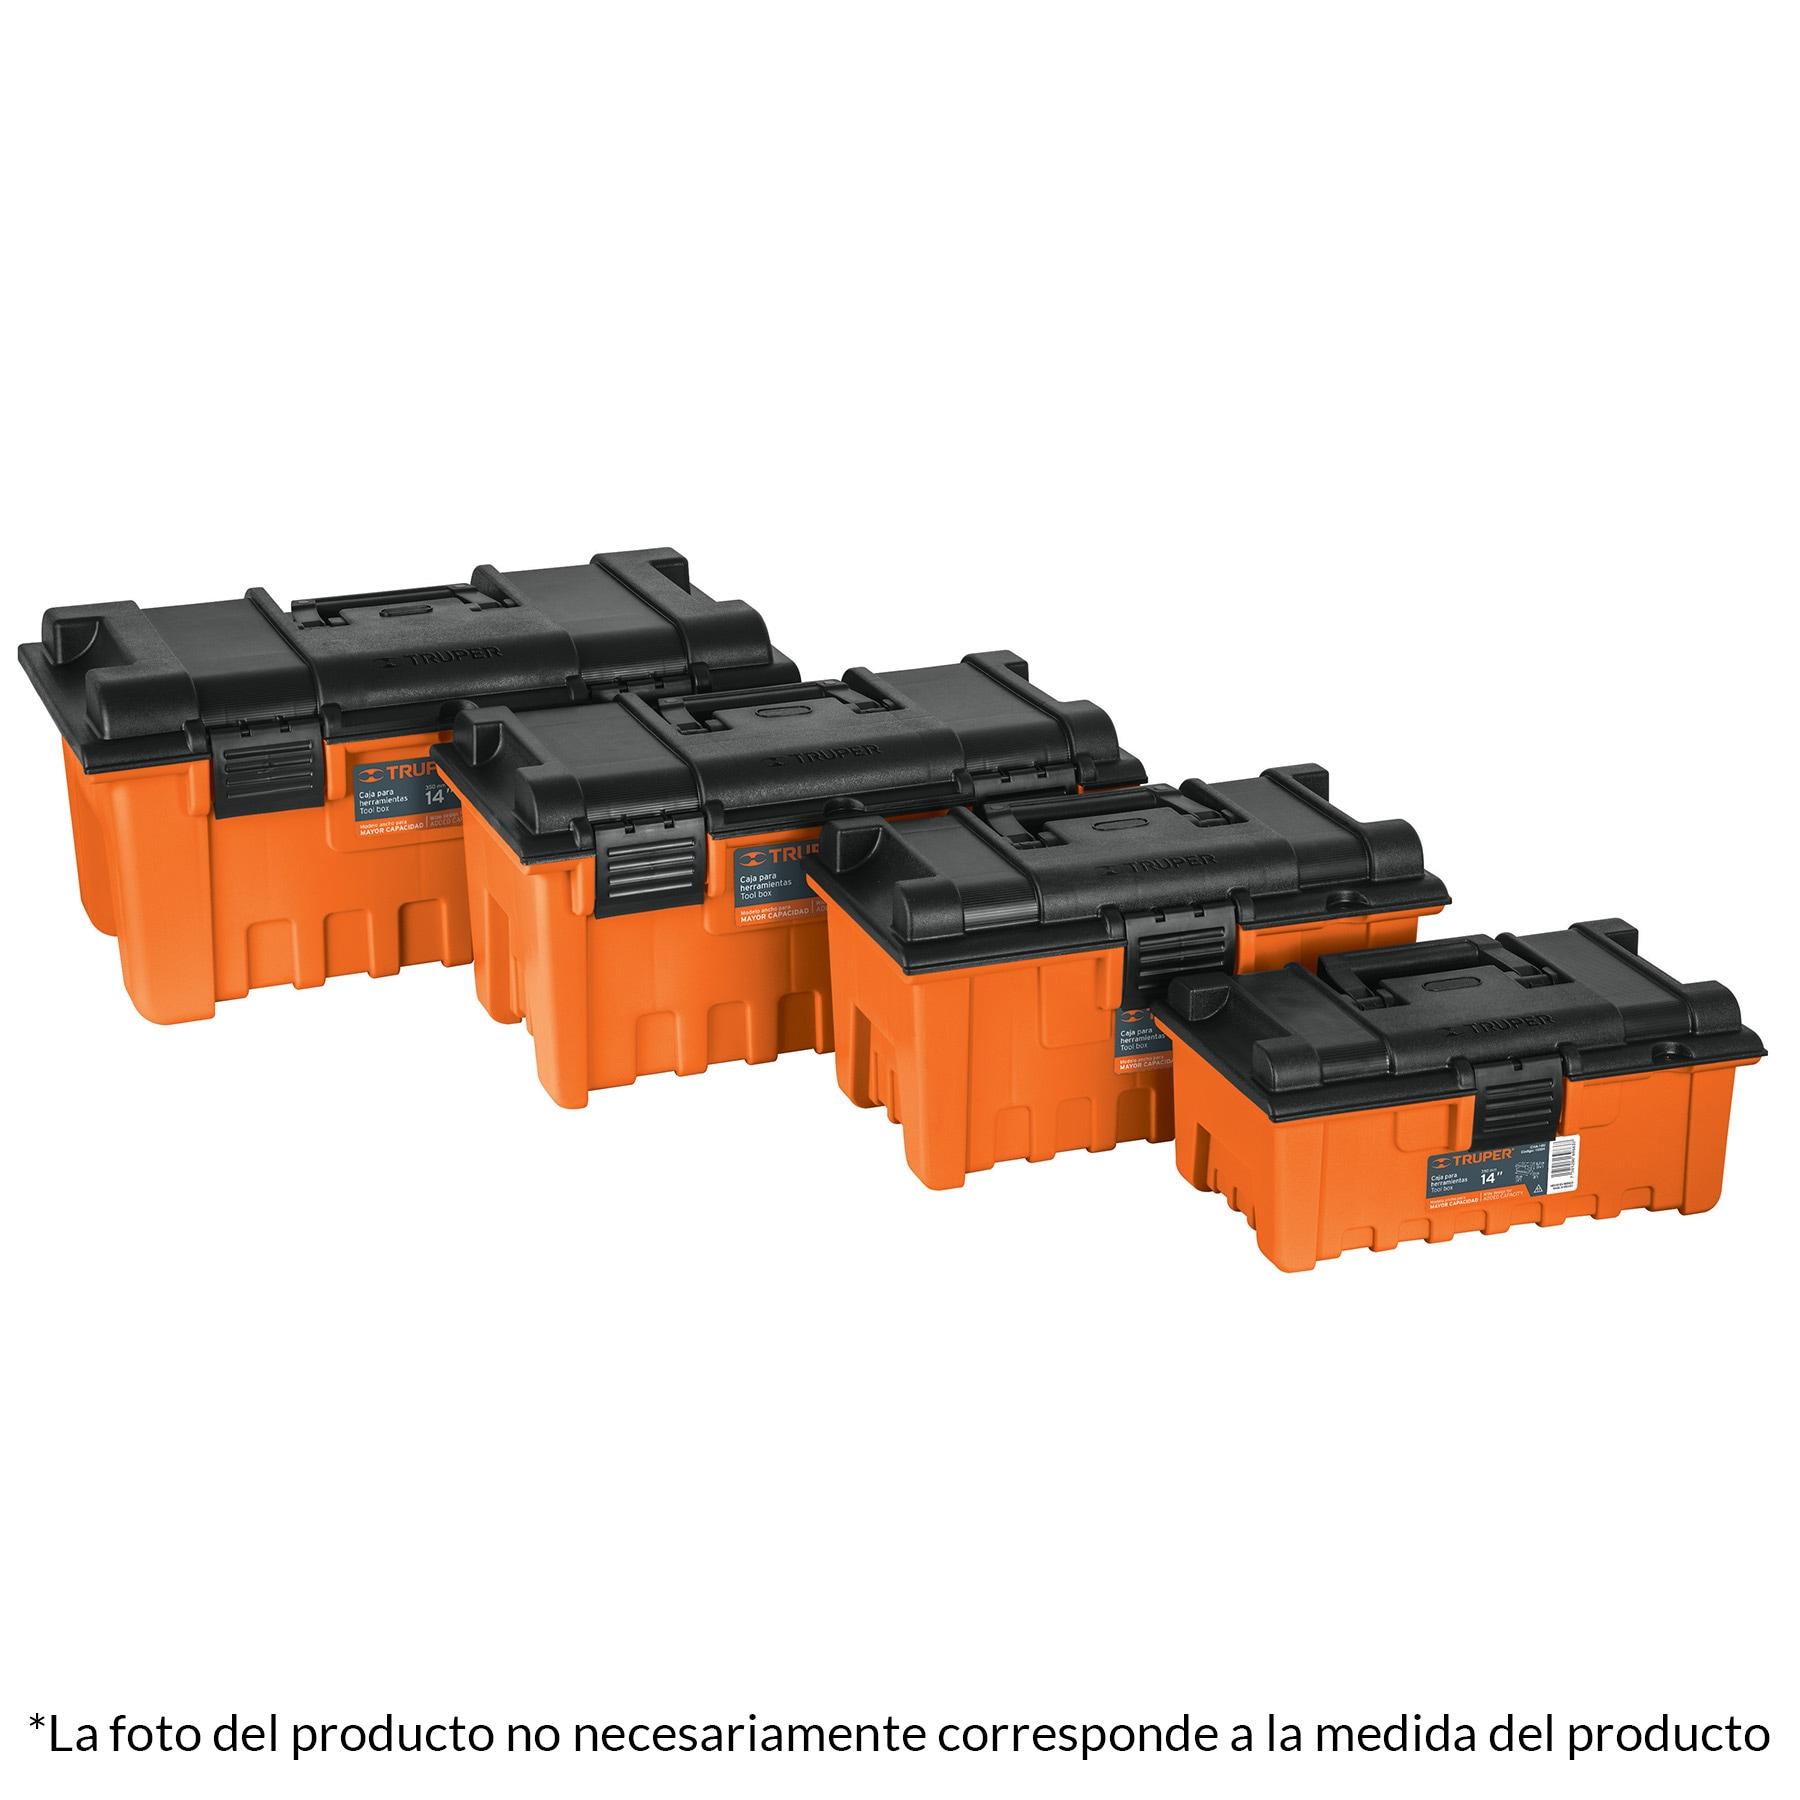 Caja para herramienta, amplia de 22'', color naranja